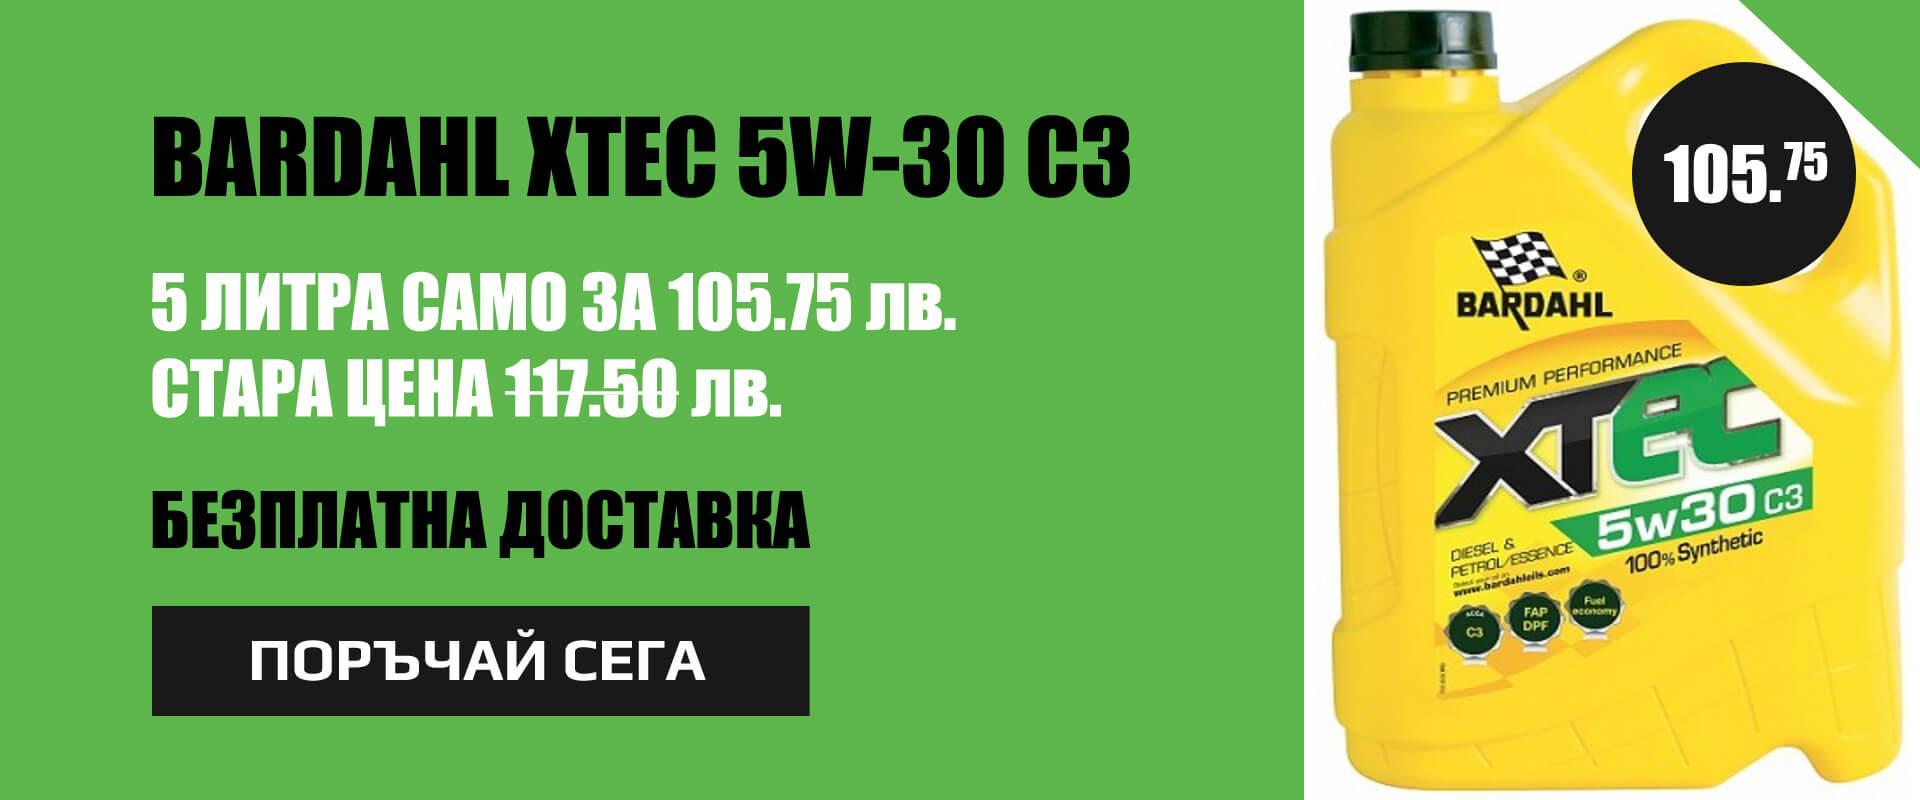 Моторно масло Bardahl XTEC 5w-30 C3 на Топ Цена